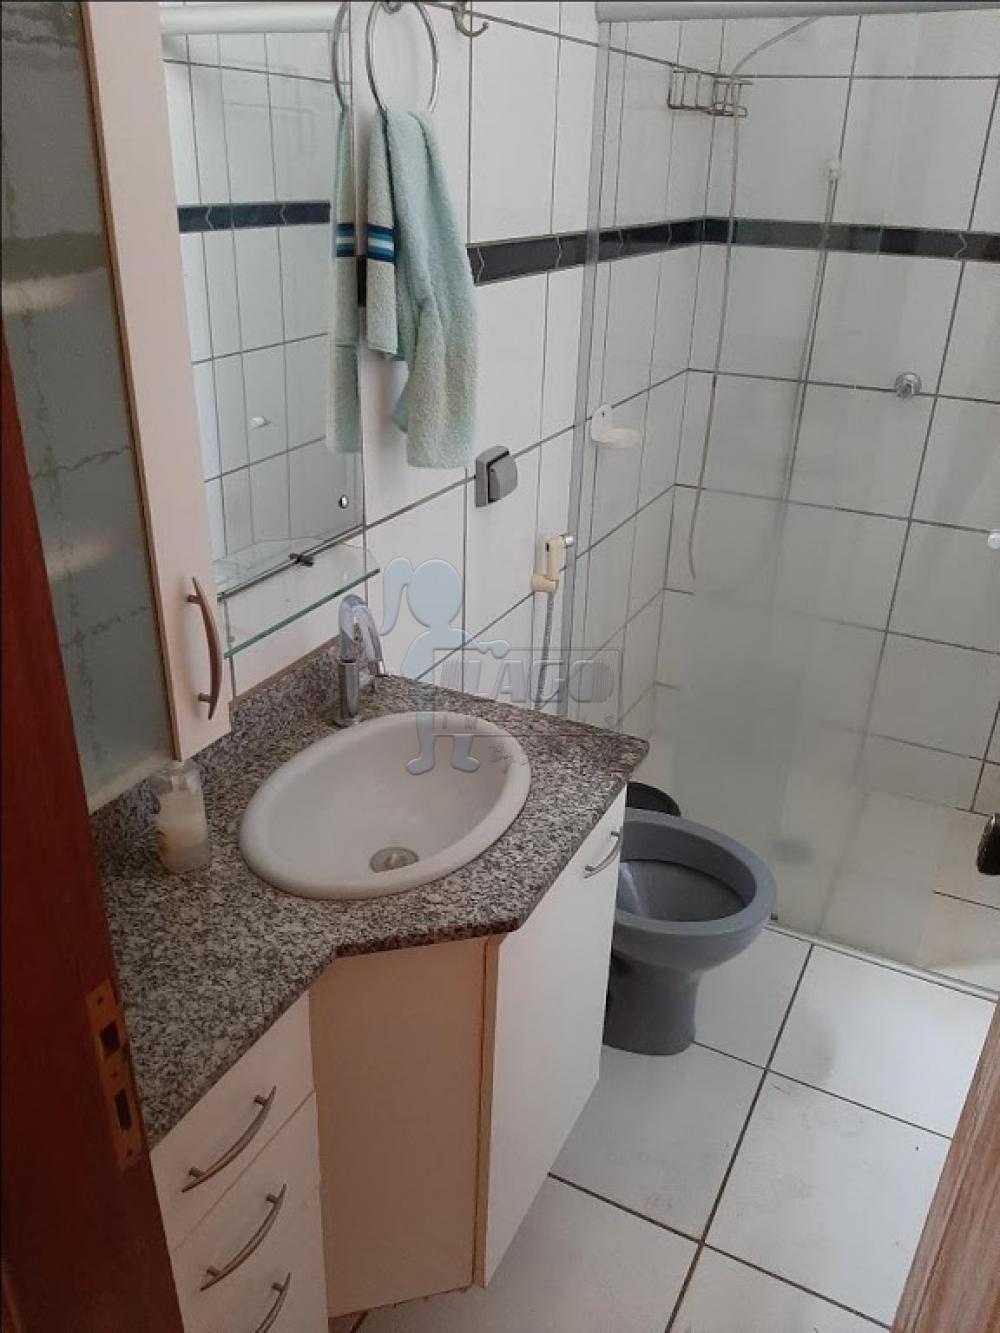 Comprar Casas / Padrão em Ribeirão Preto apenas R$ 490.000,00 - Foto 13